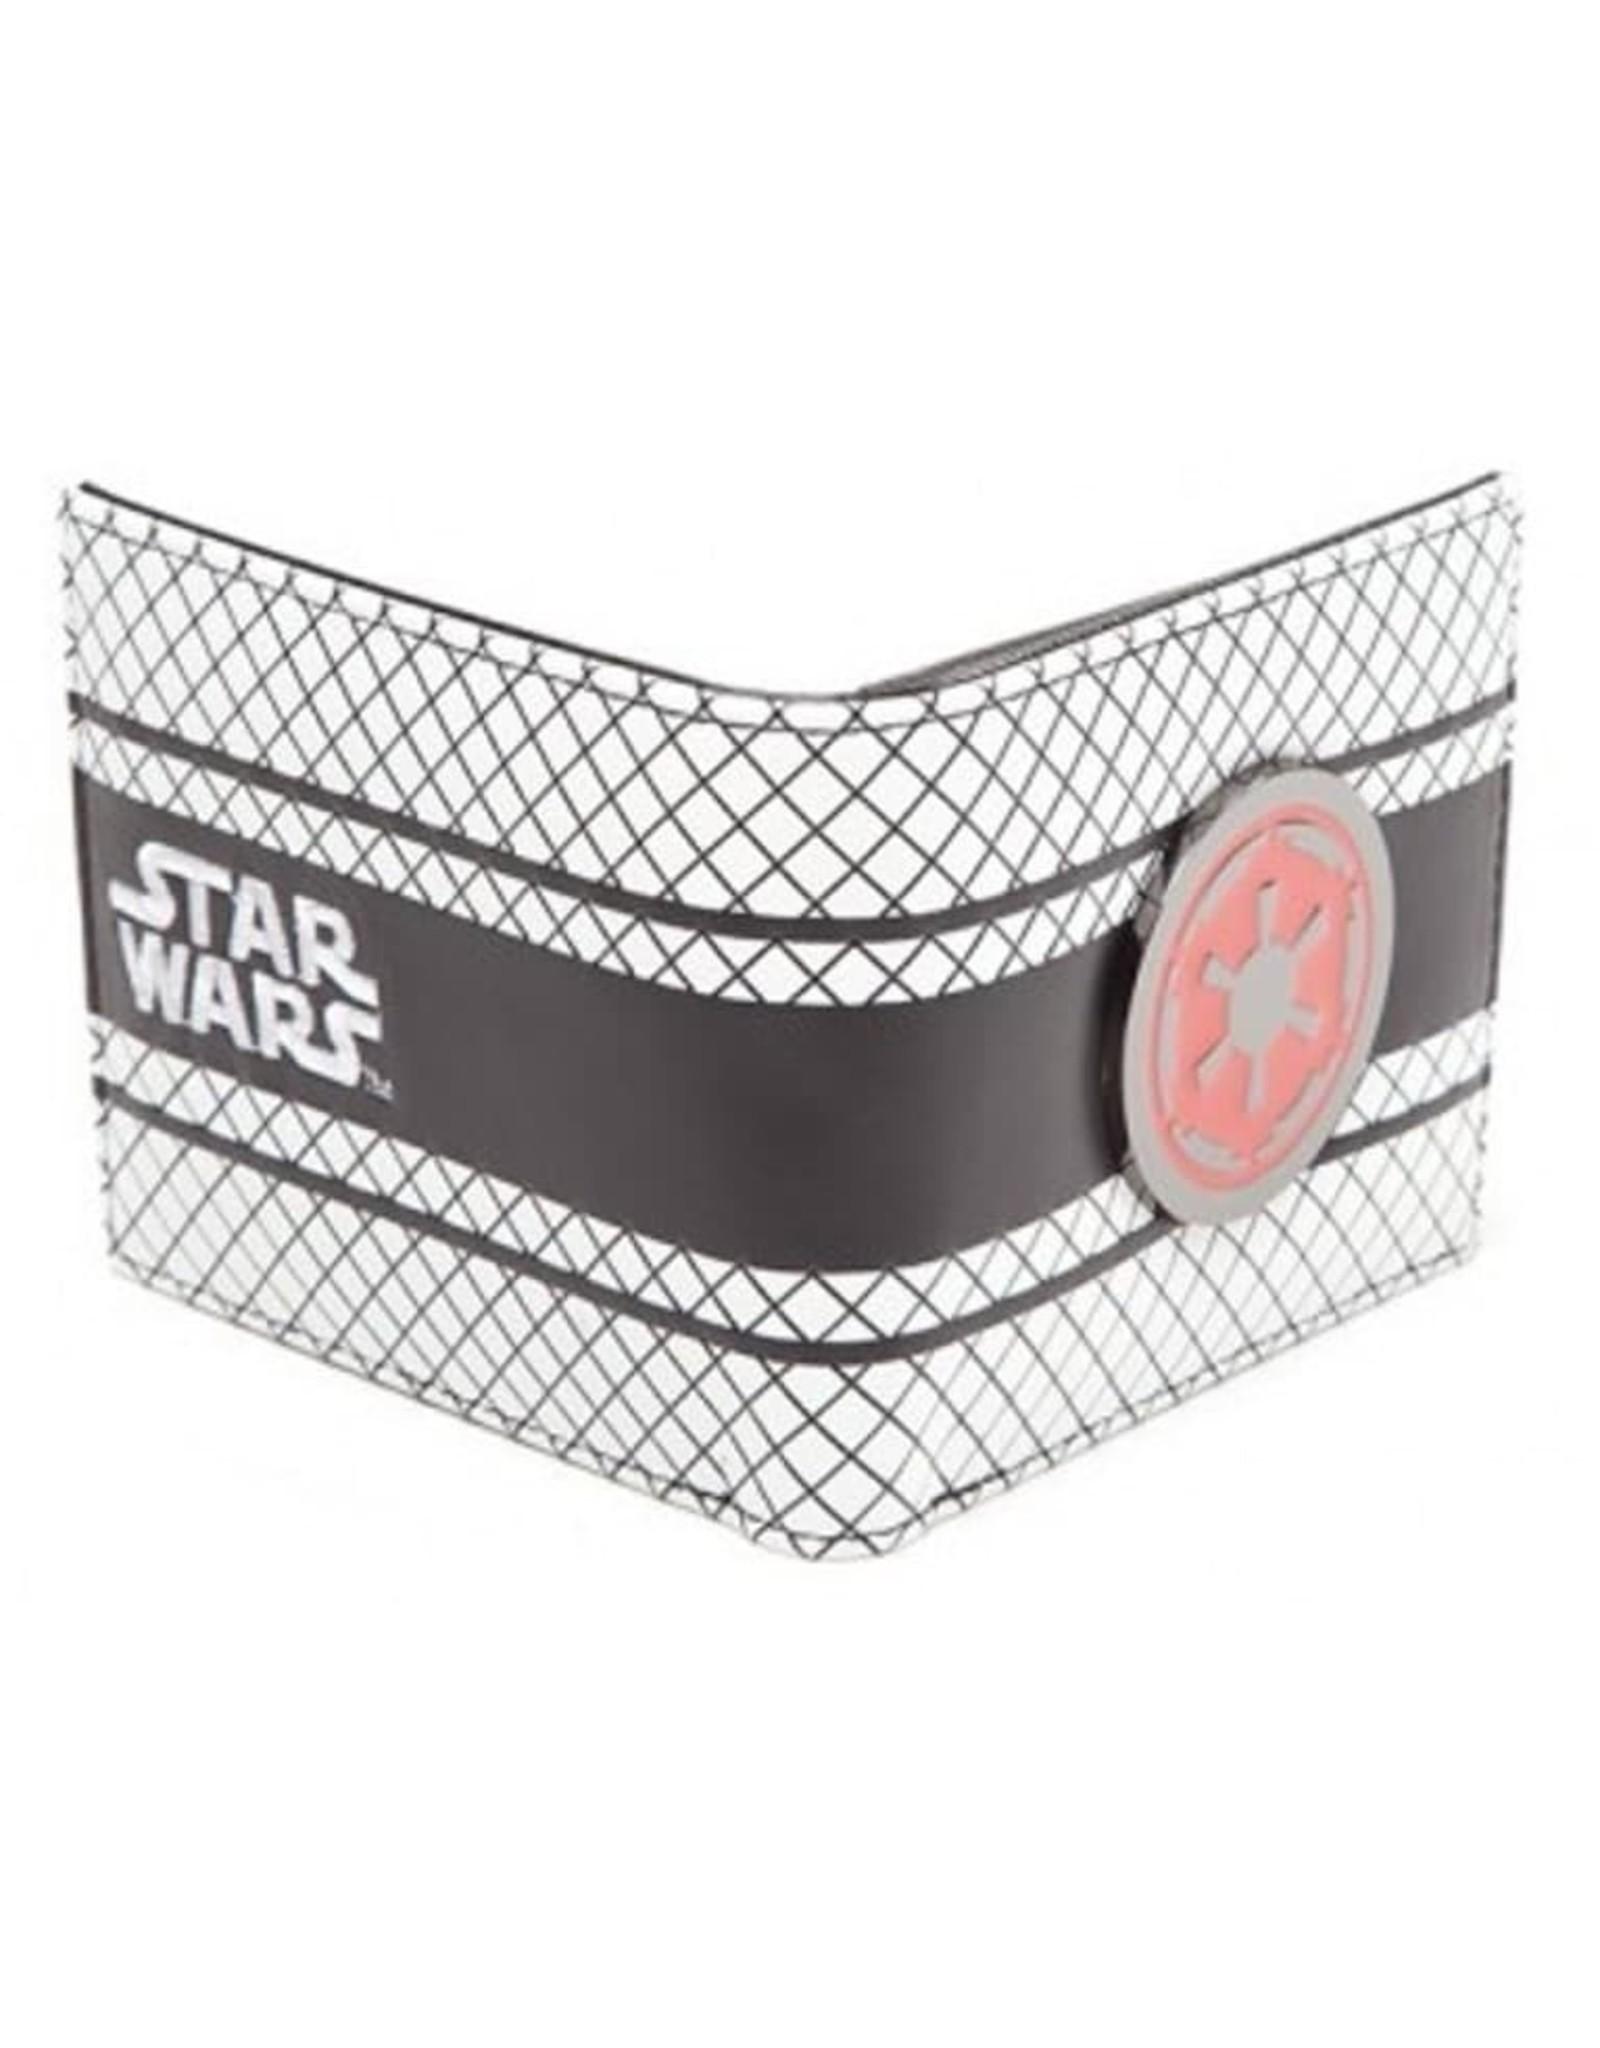 Star Wars Star Wars tassen - Star Wars Empire portemonnee